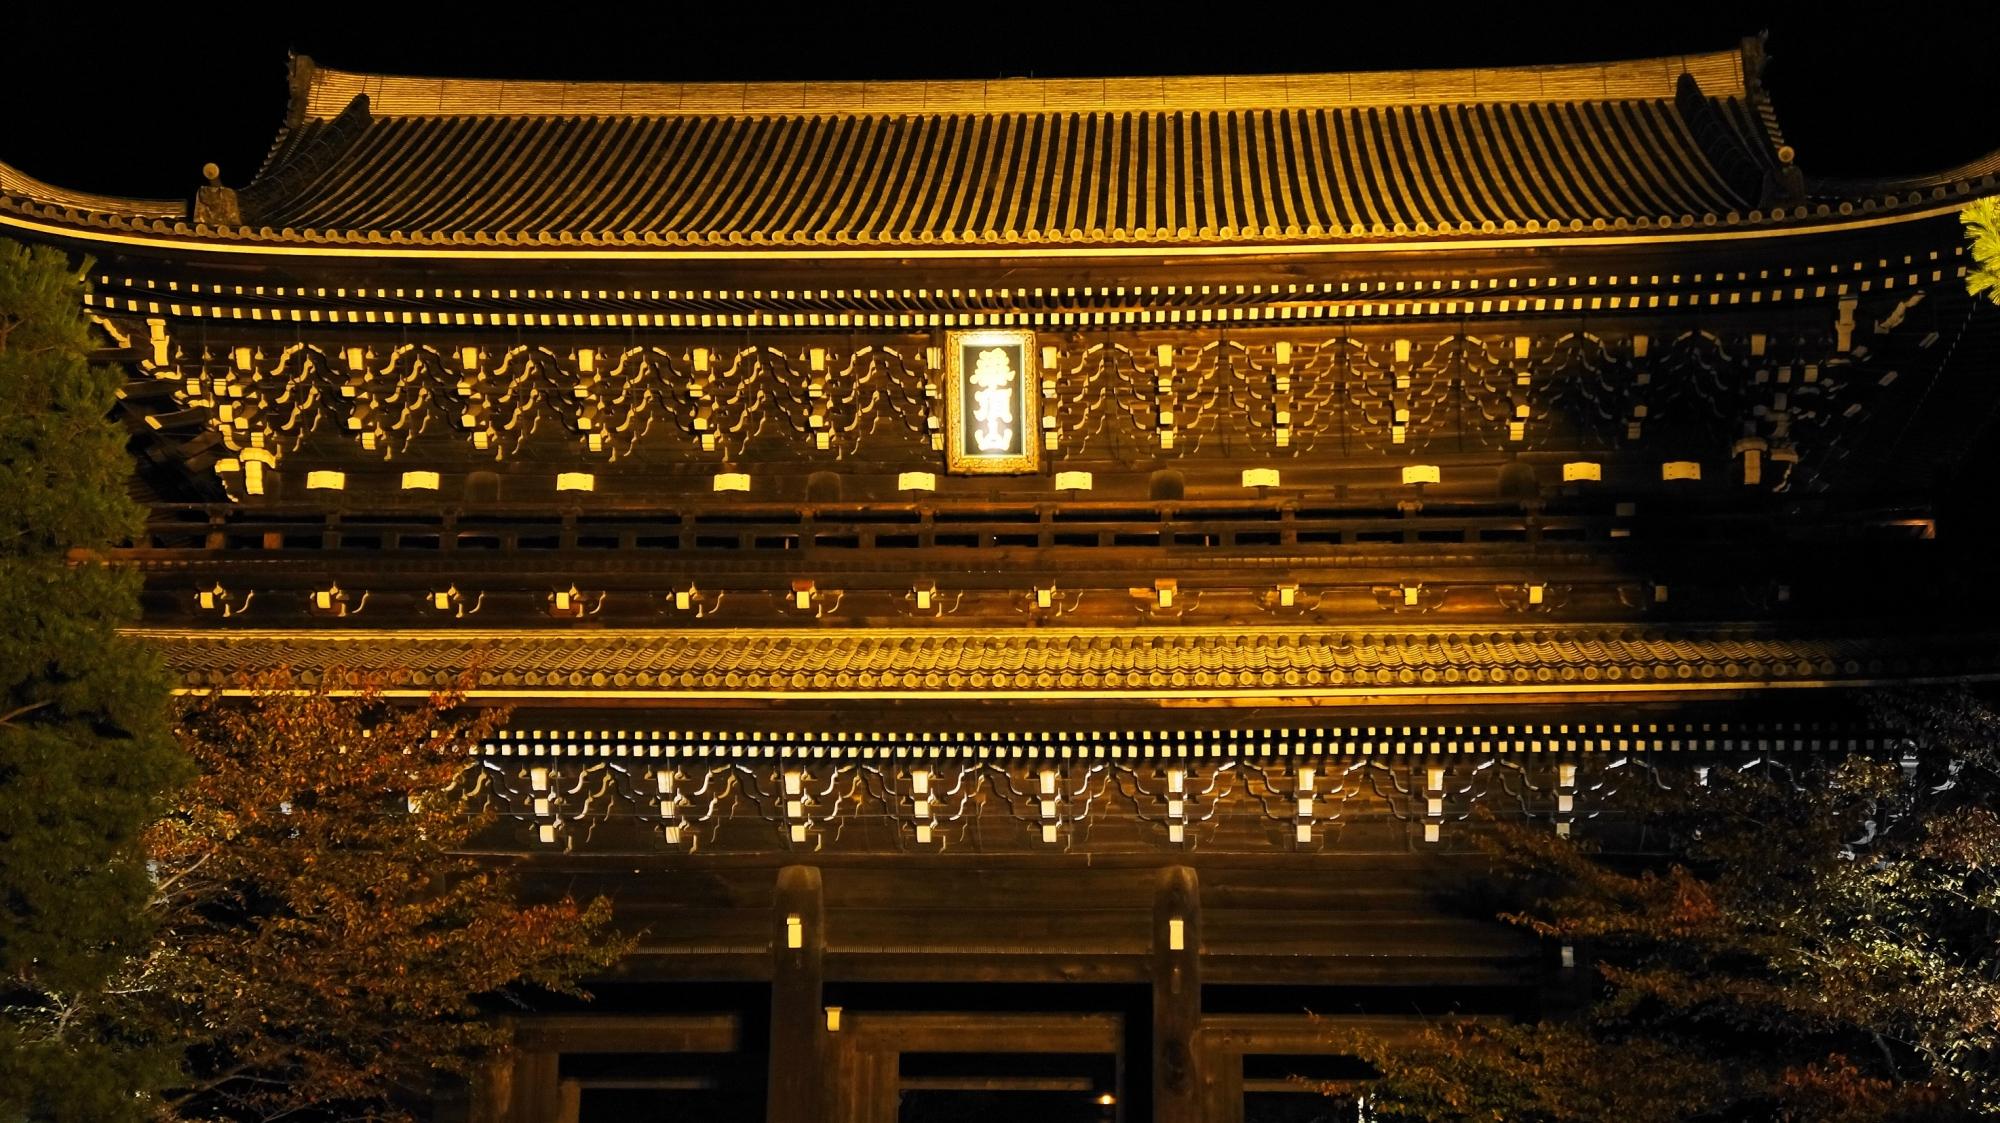 知恩院 三門 巨大 ライトアップ